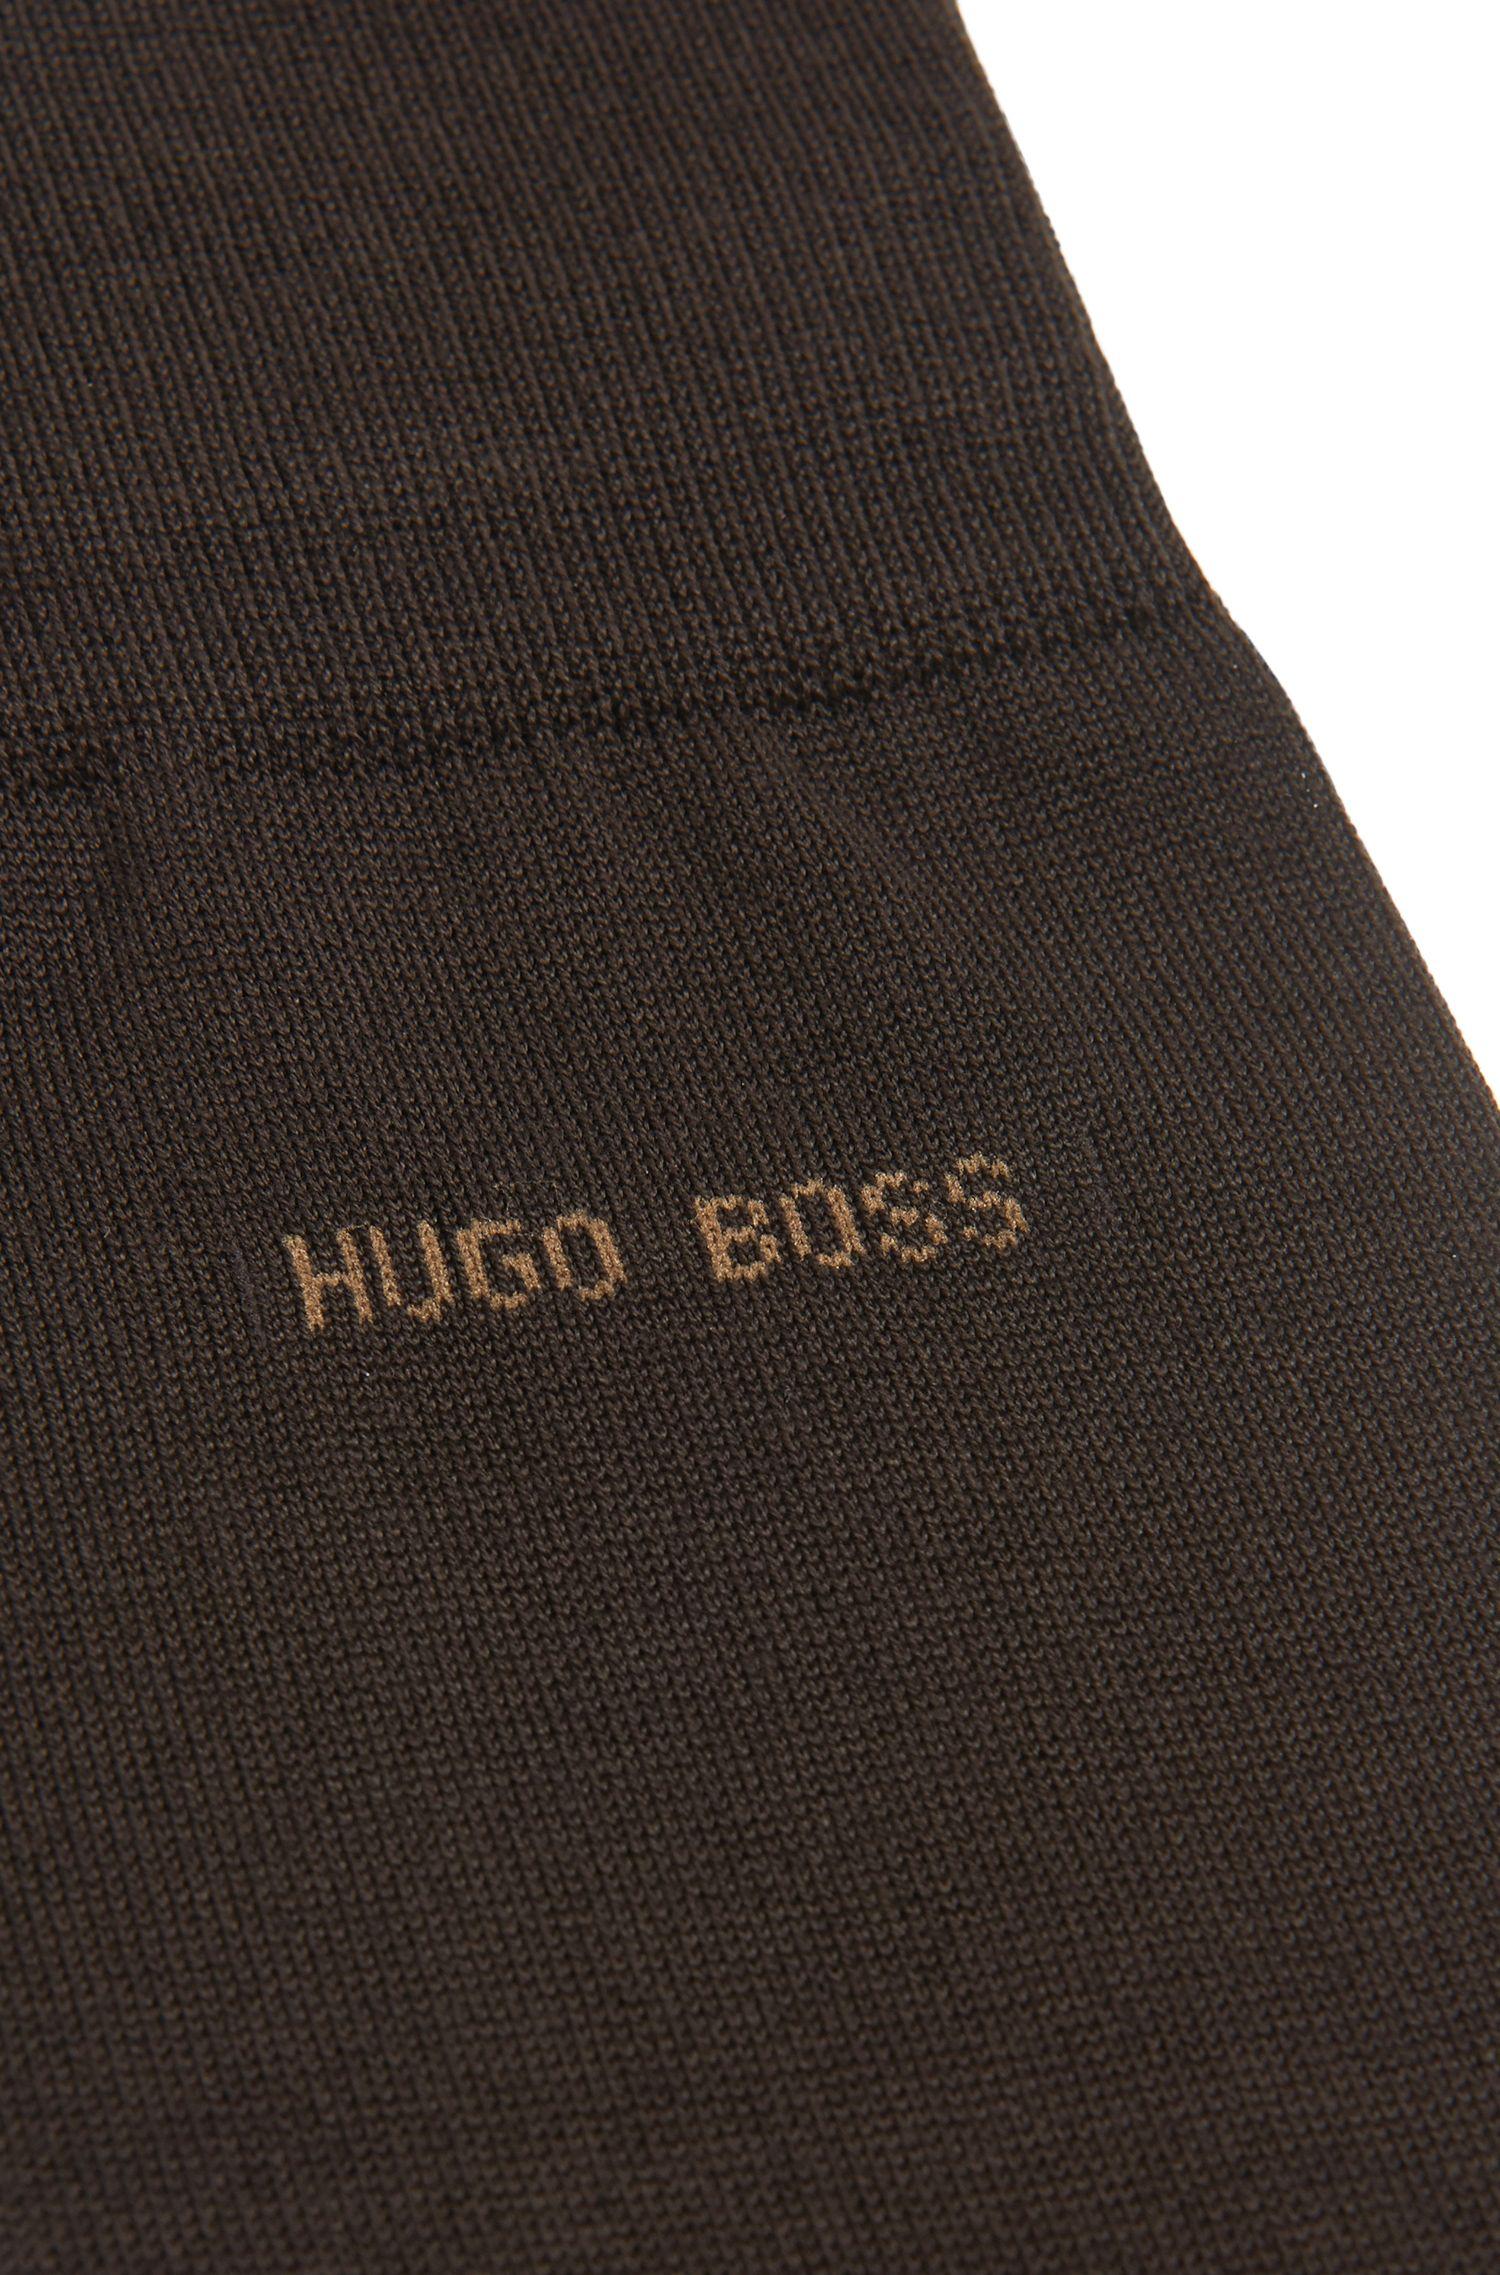 Chaussettes courtes en coton mercerisé avec talon renforcé